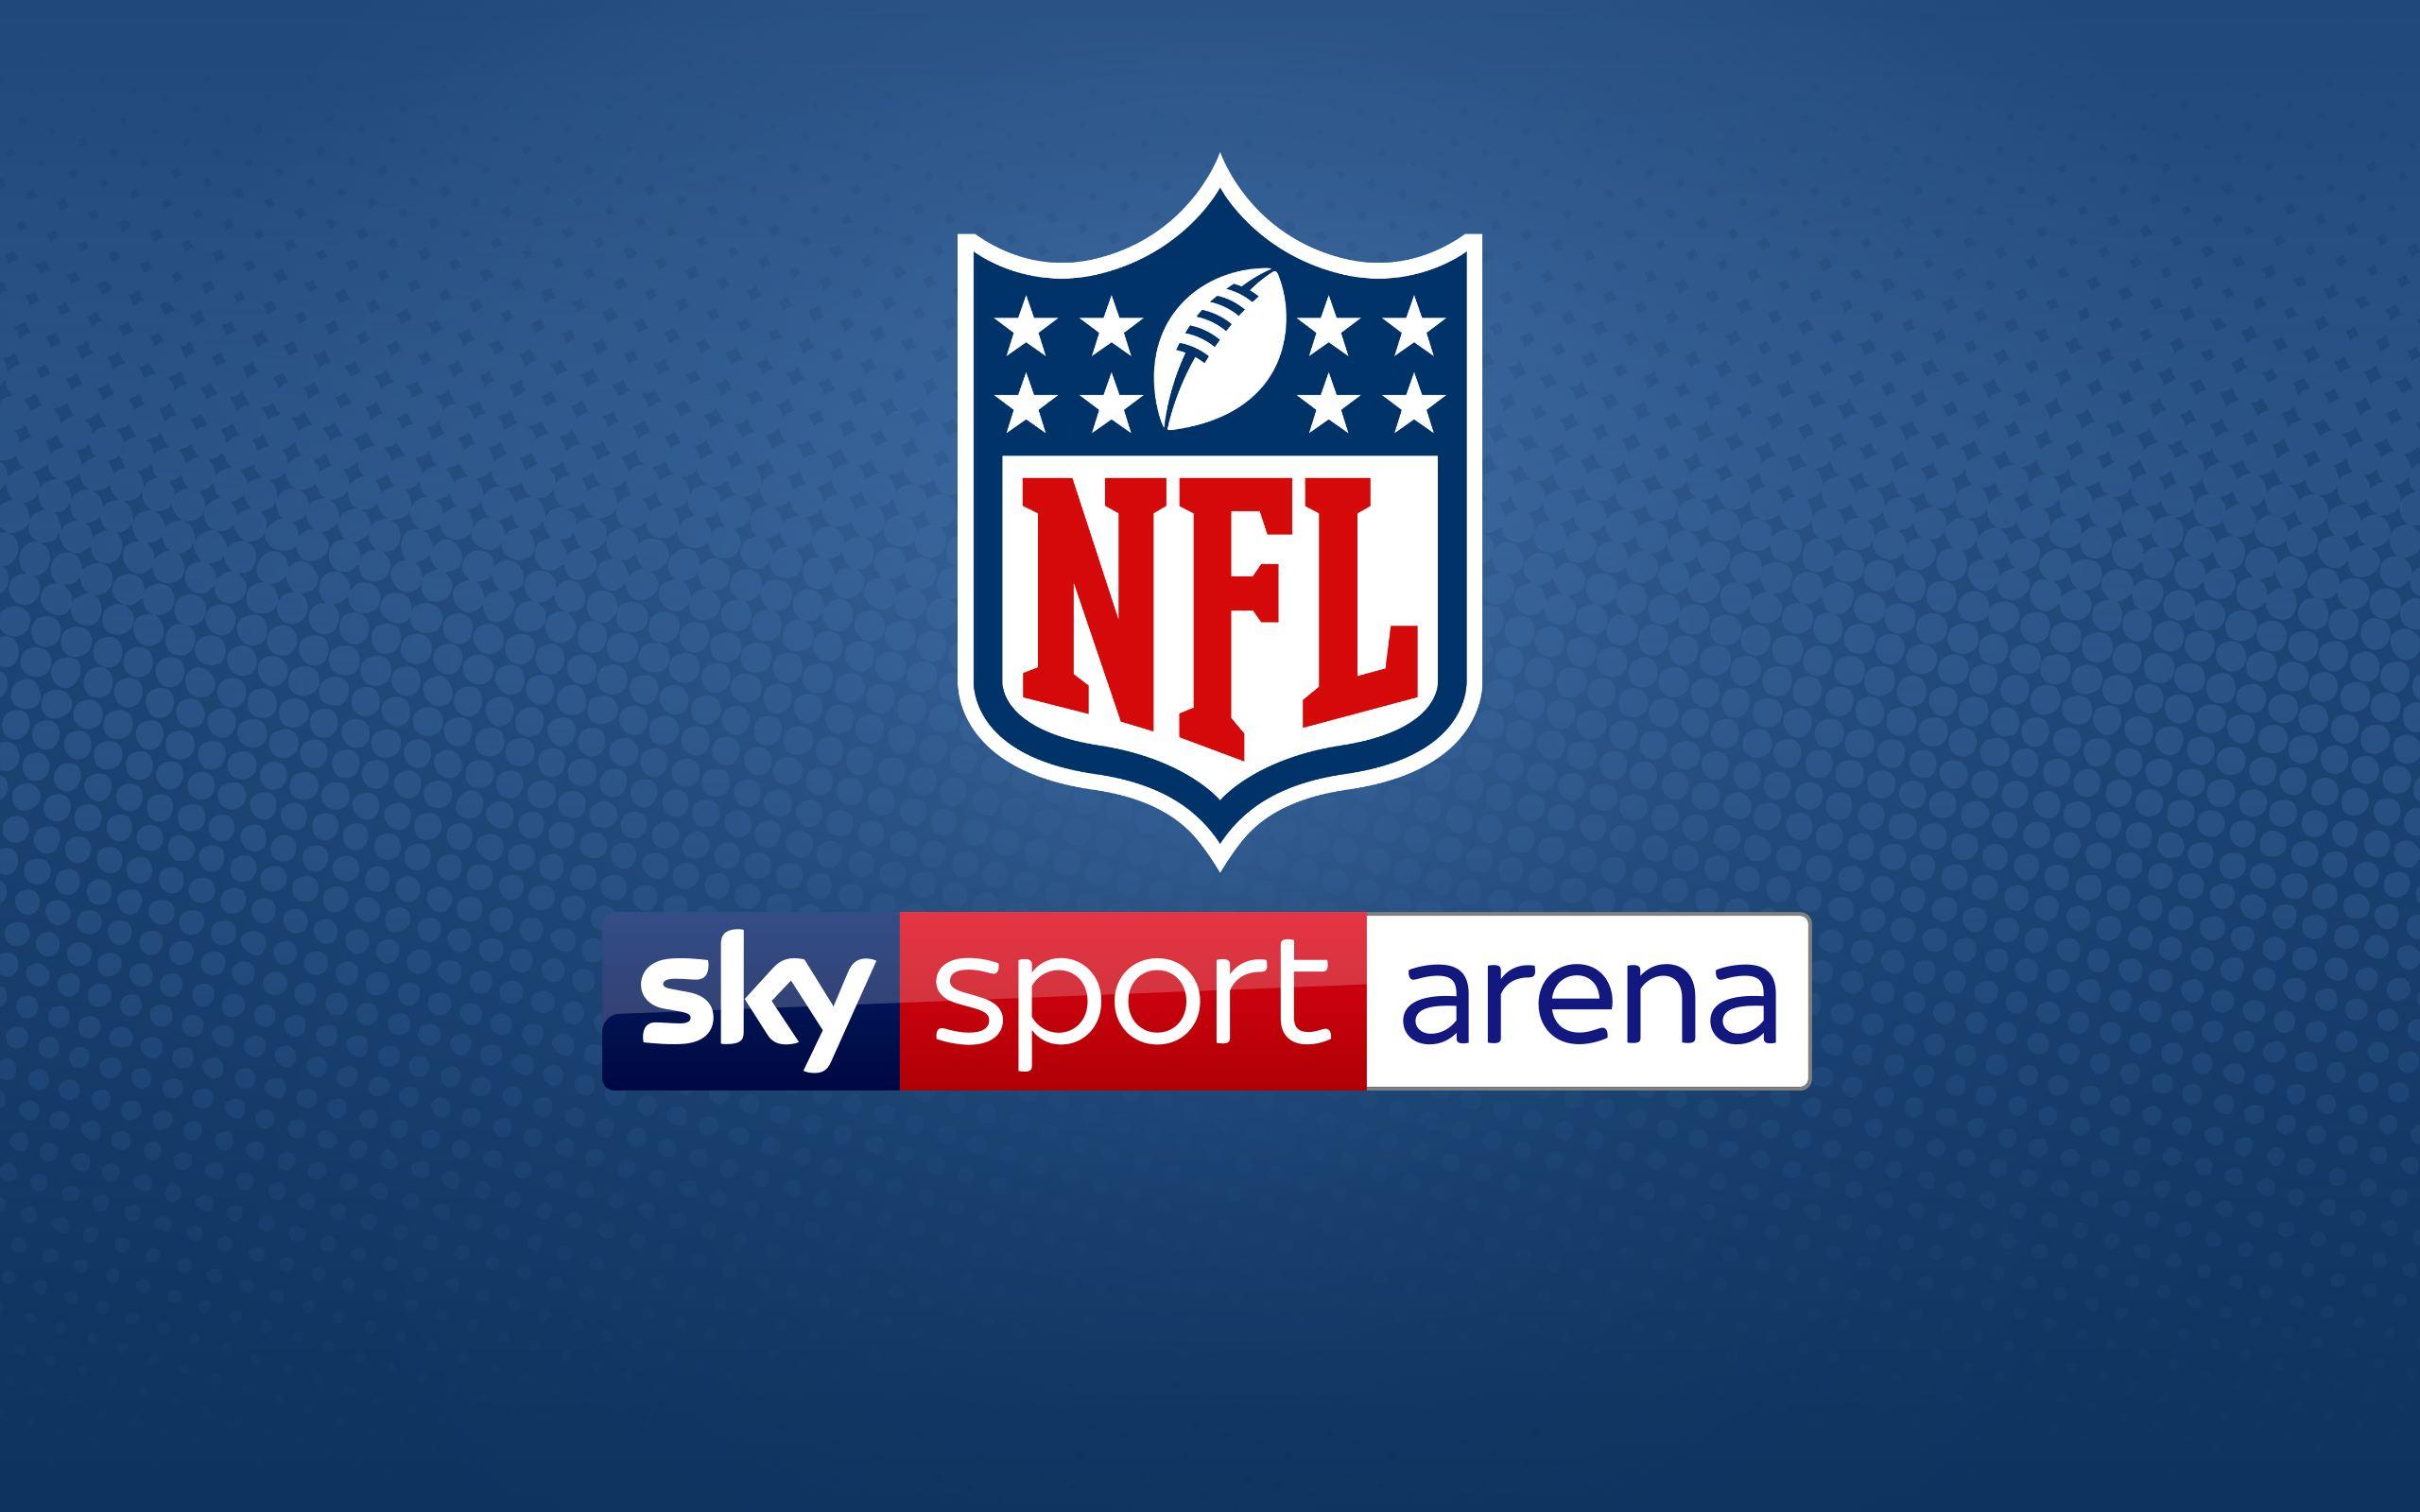 La NFL 2018 approda su DAZN con l'Opening Kickoff stanotte alle 02.30 | Conferma ufficiale 2